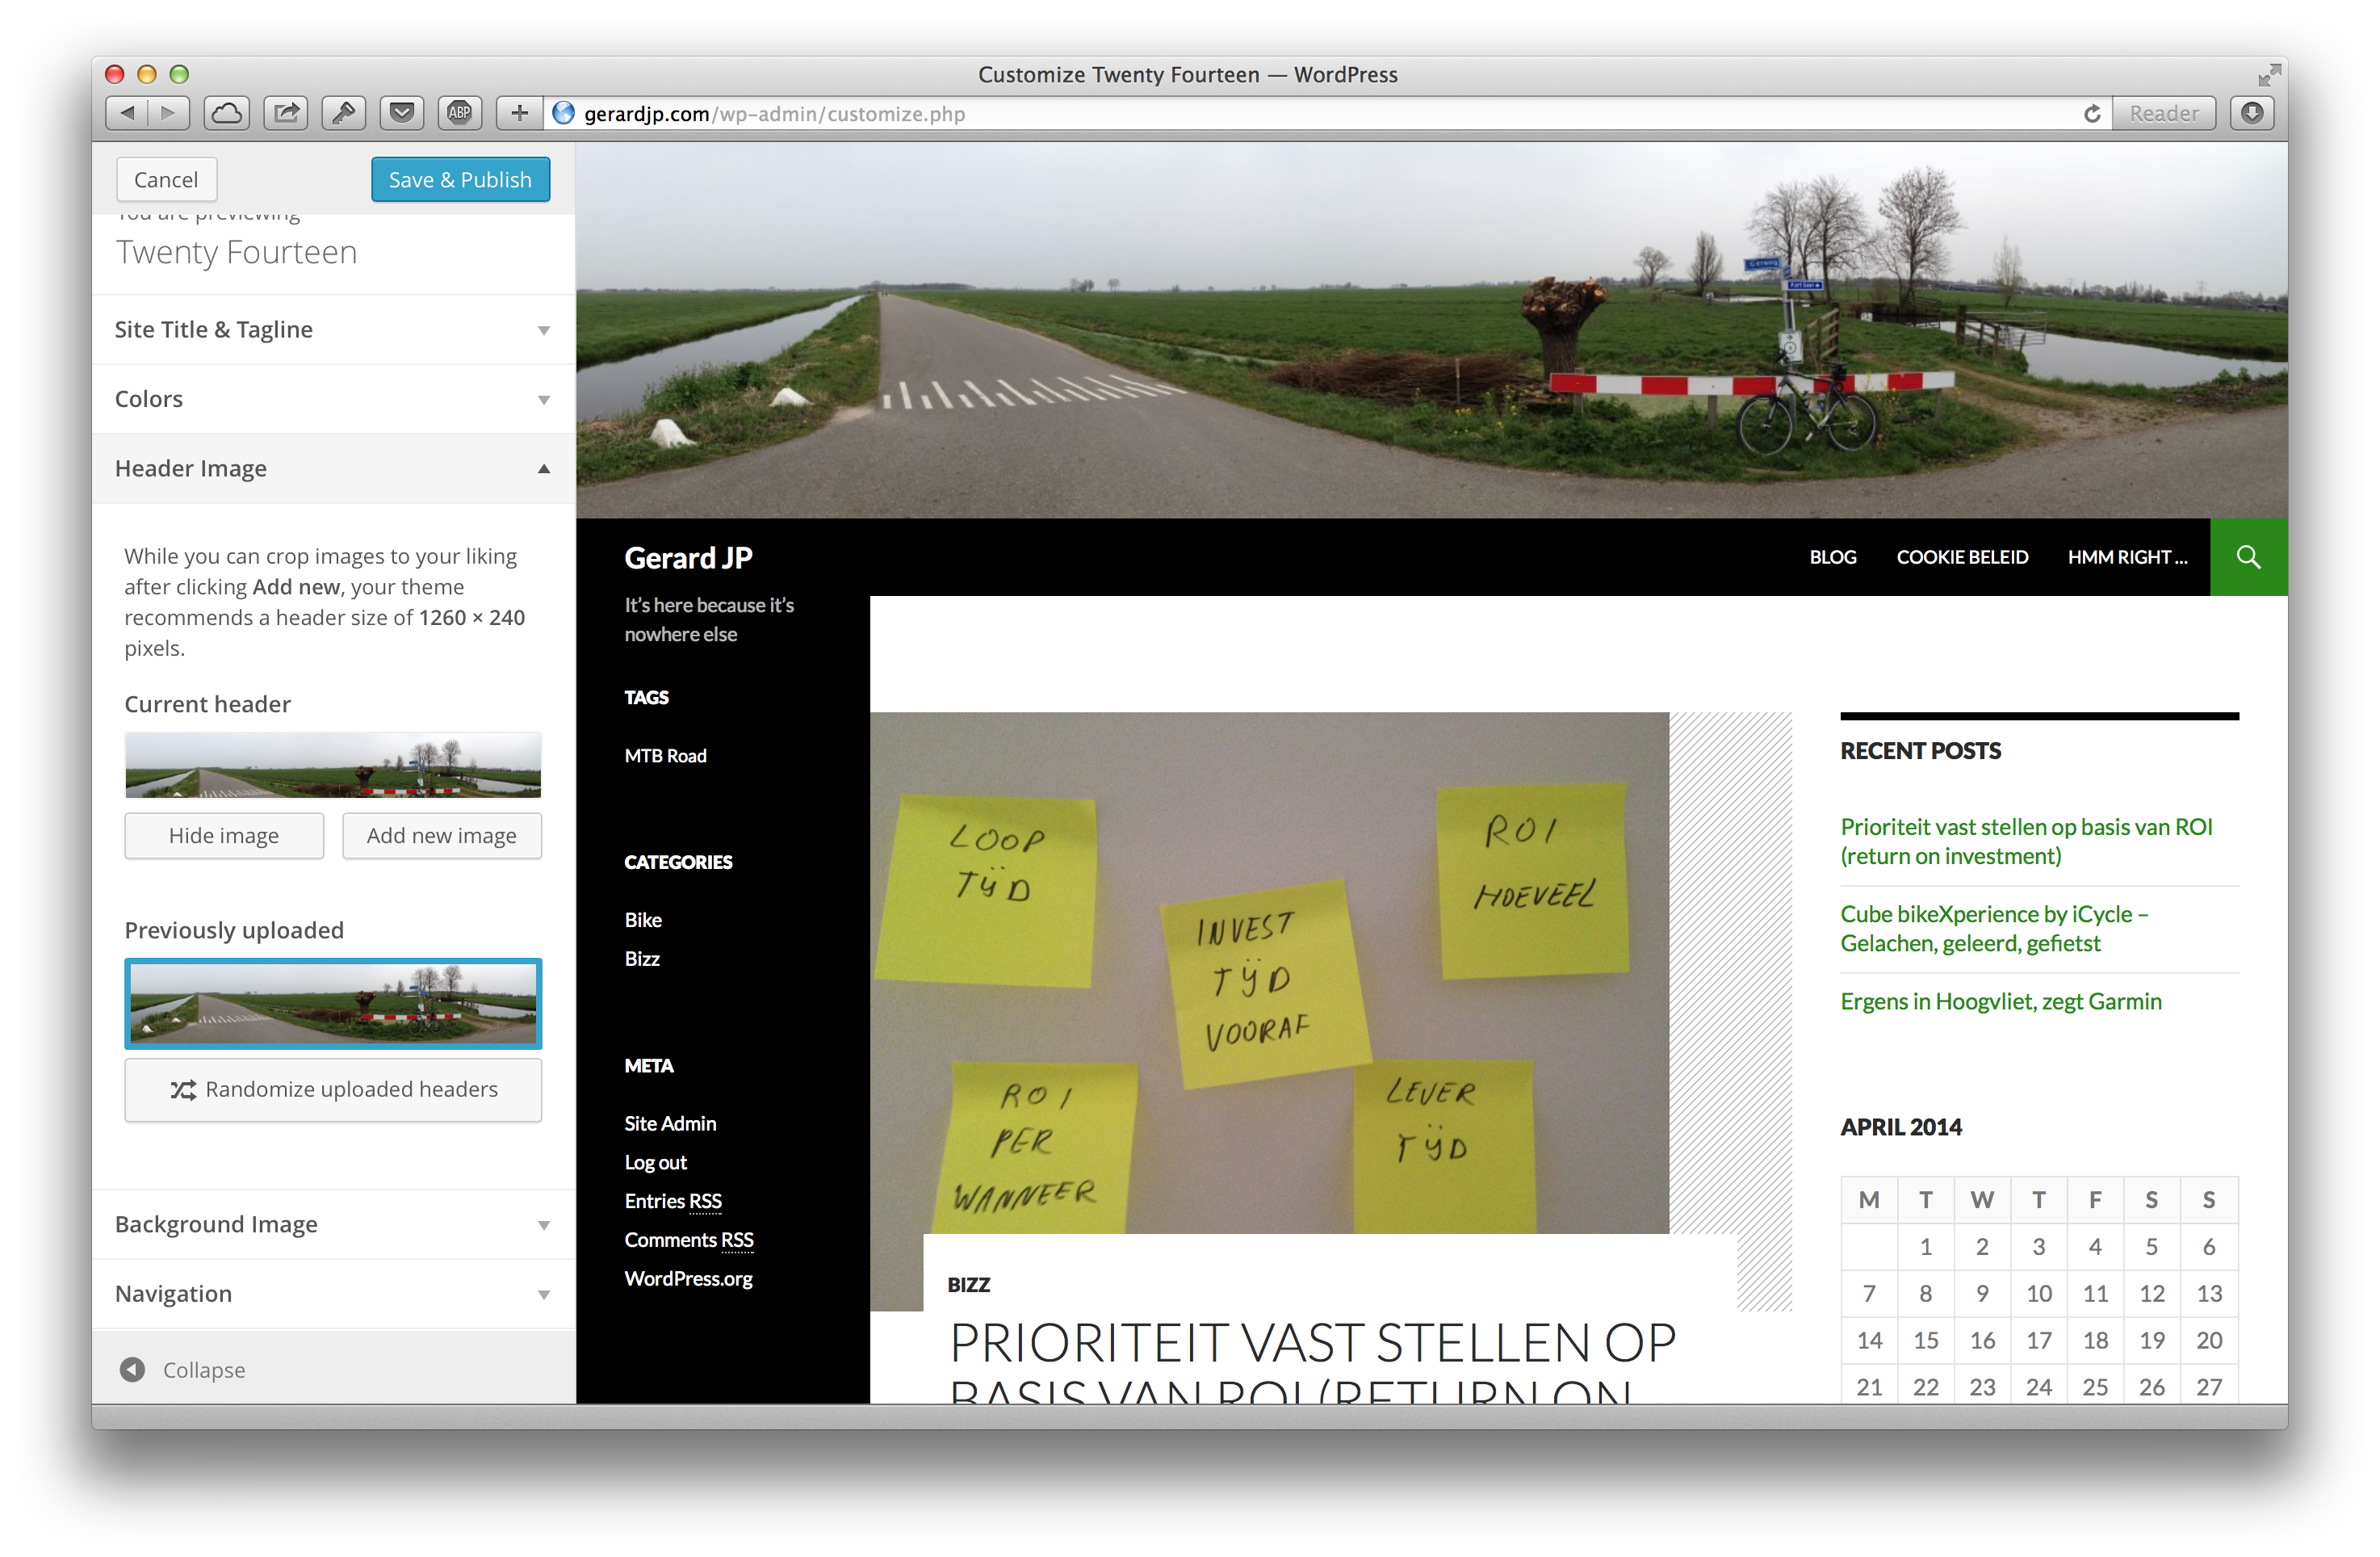 WordPress versie 3.9 (Smith) gepubliceerd